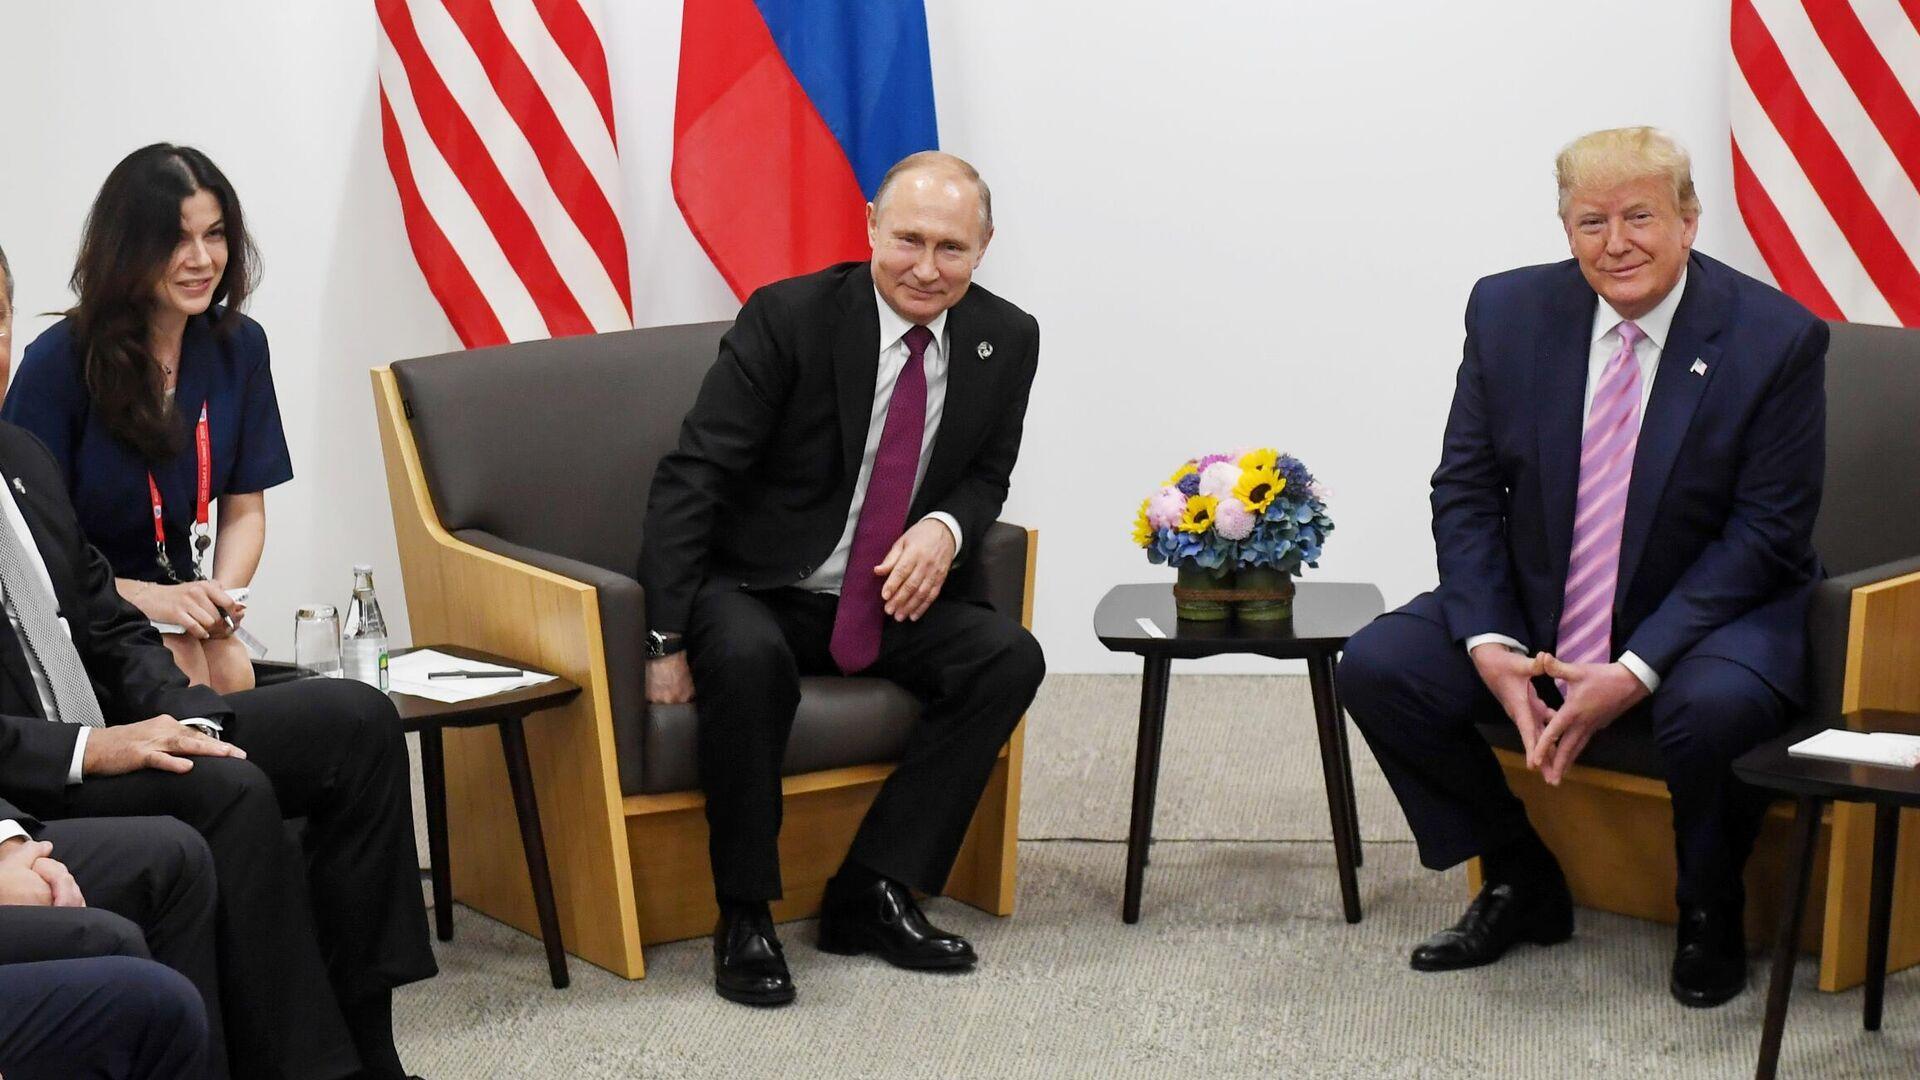 Президент РФ Владимир Путин и президент США Дональд Трамп во время встречи на полях саммита Группы двадцати в Осаке - РИА Новости, 1920, 28.09.2021